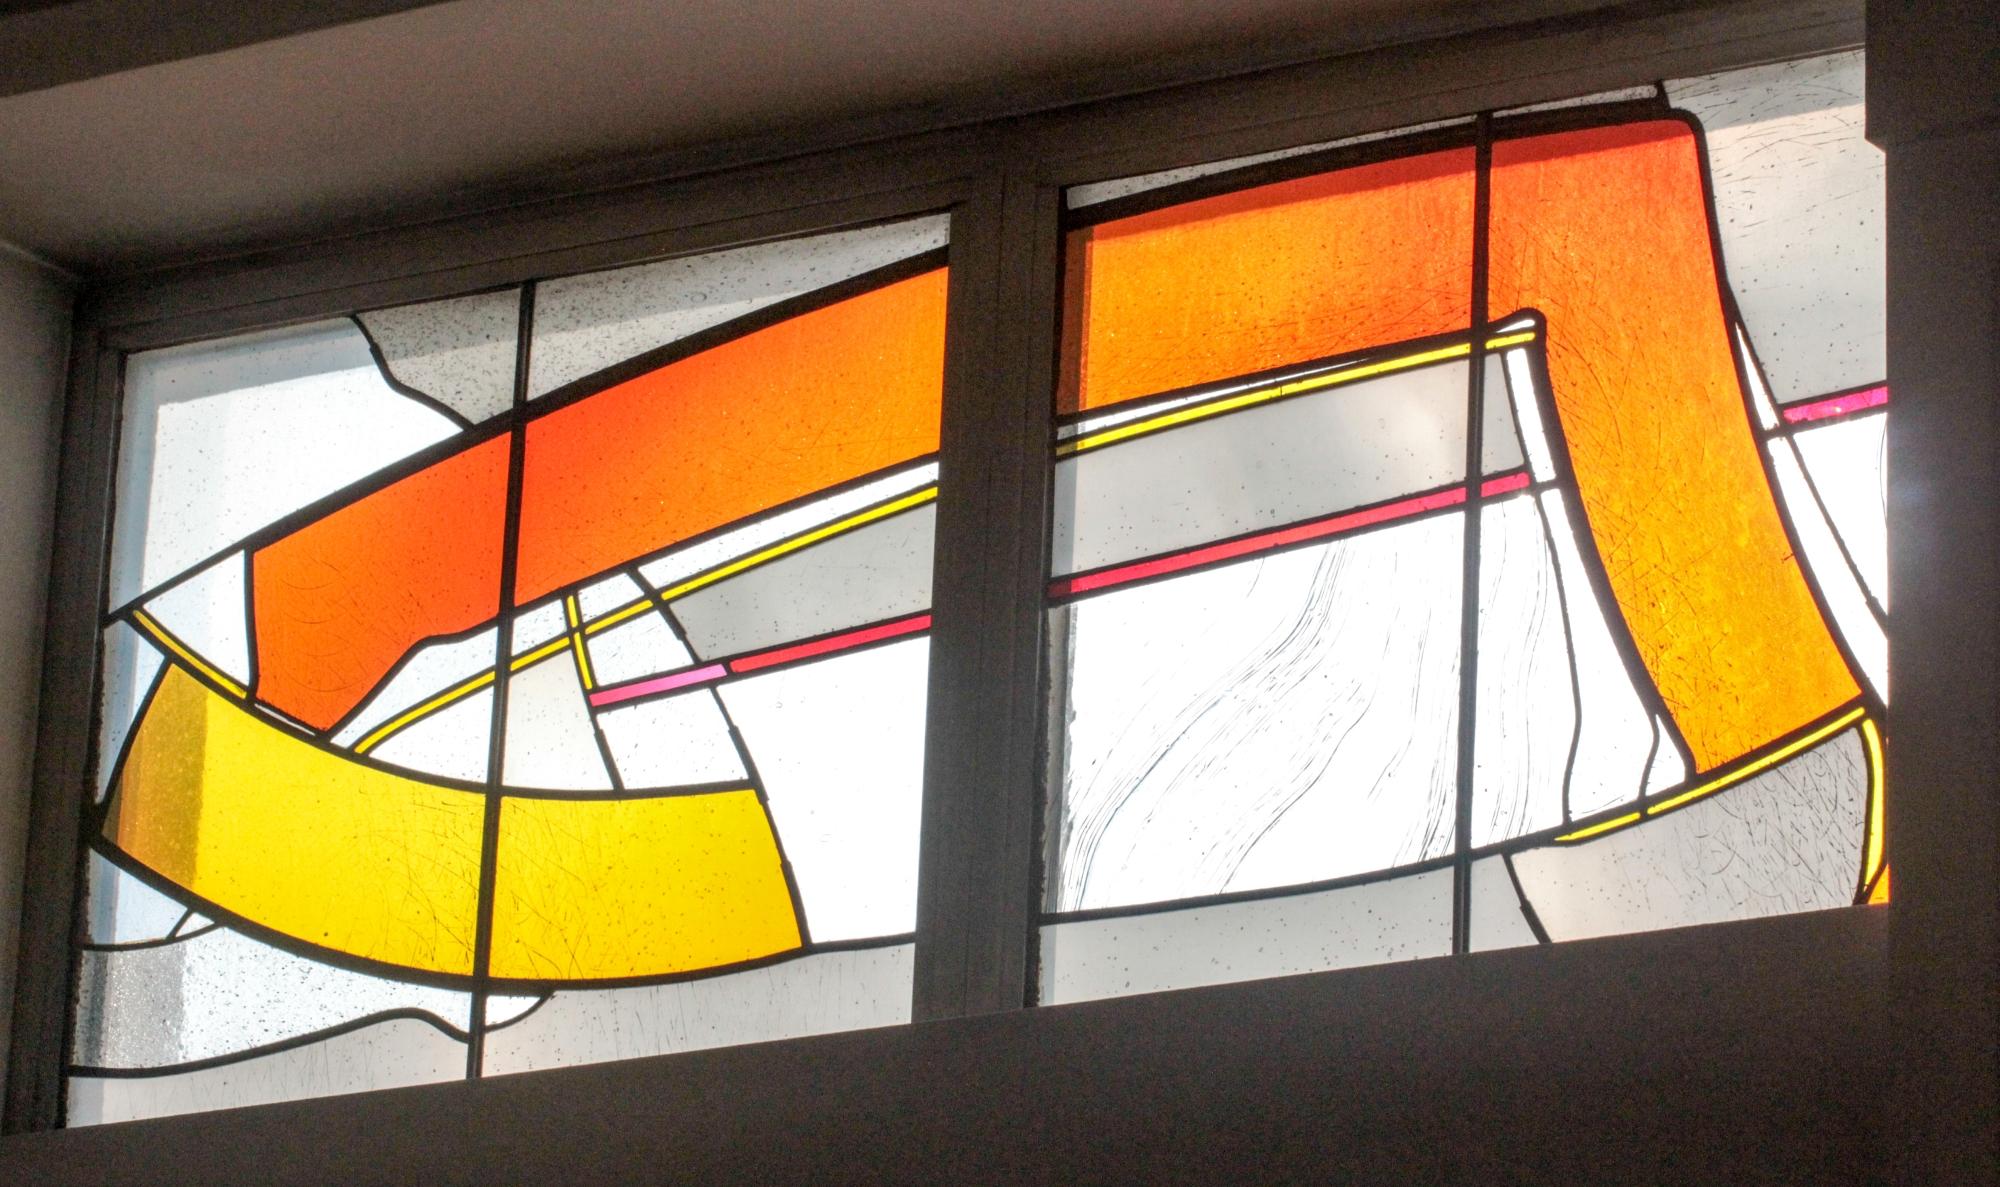 Fenster Haus Serafine (c) Monika Herkens